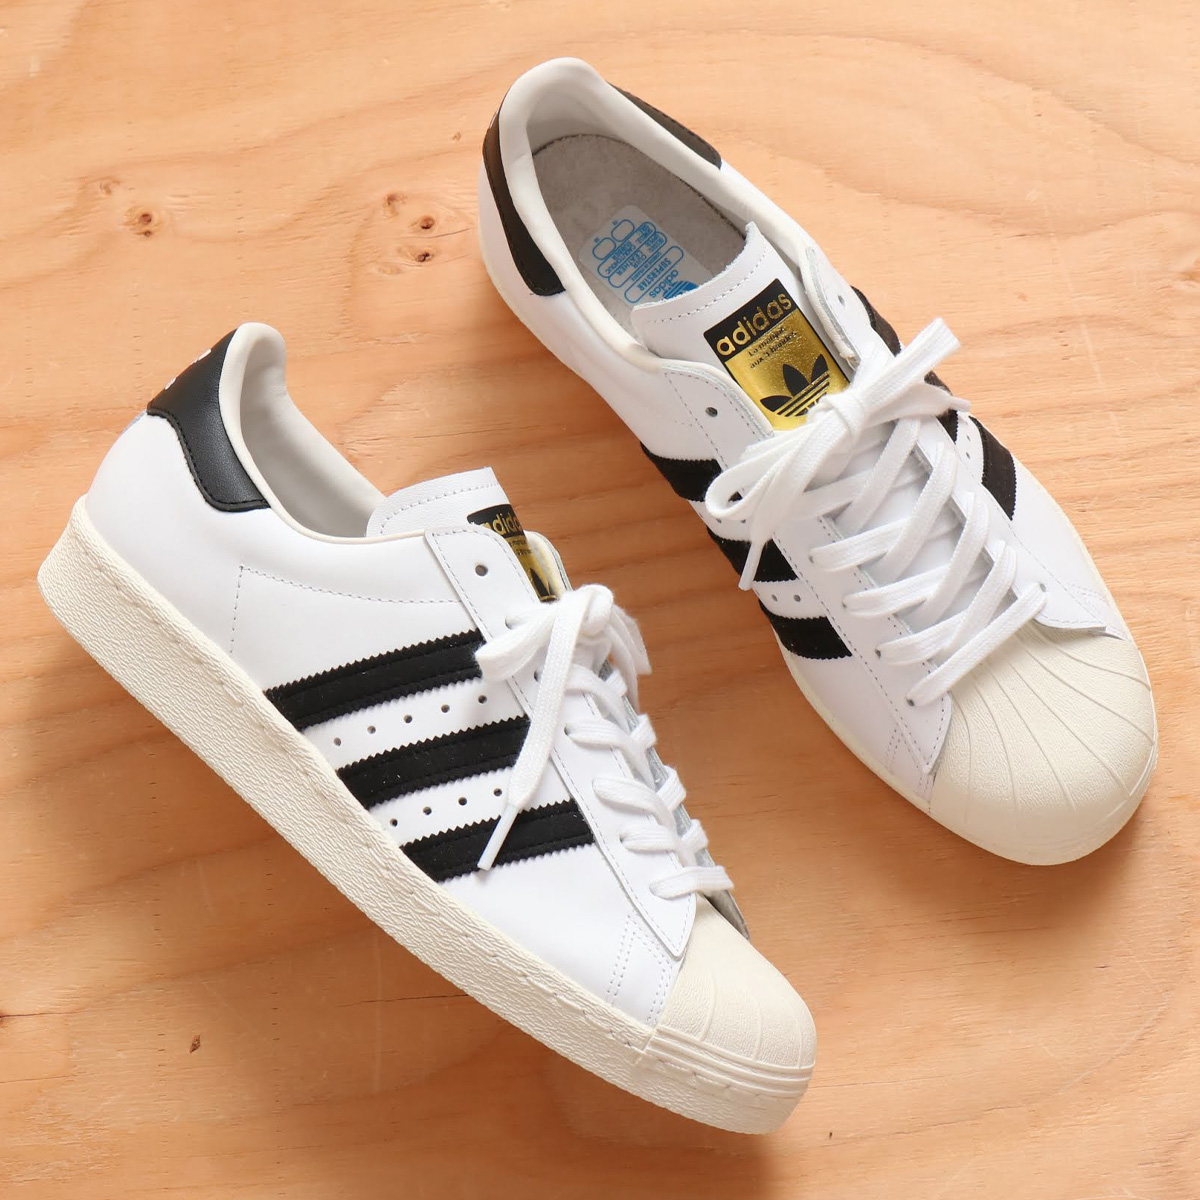 adidas superstar 80s white black